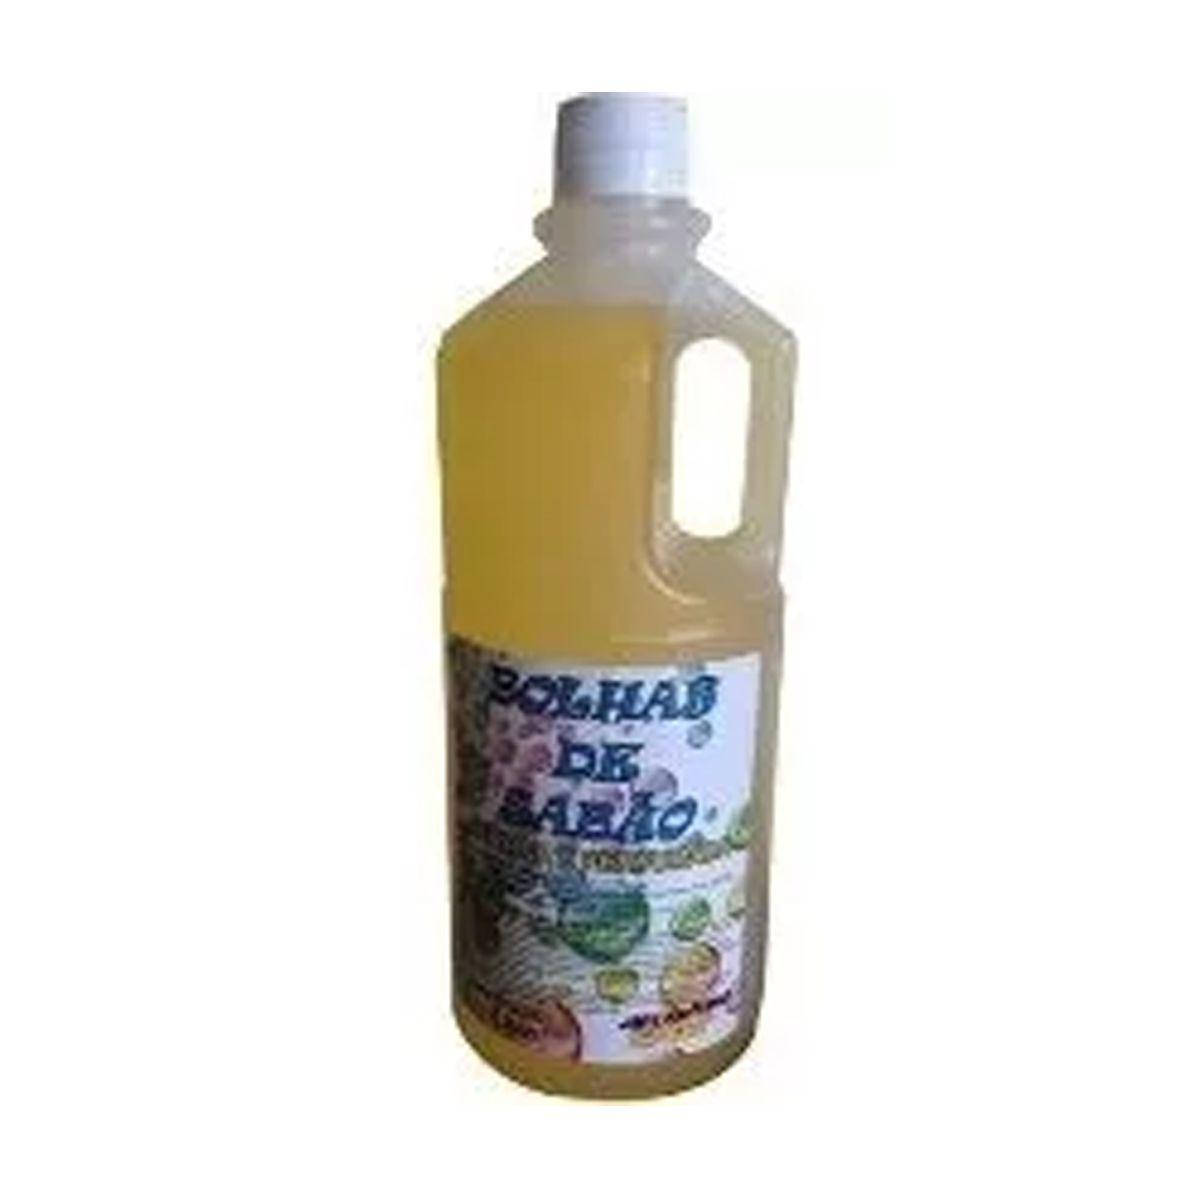 Liquido De Bolhas 1 Litro - JM